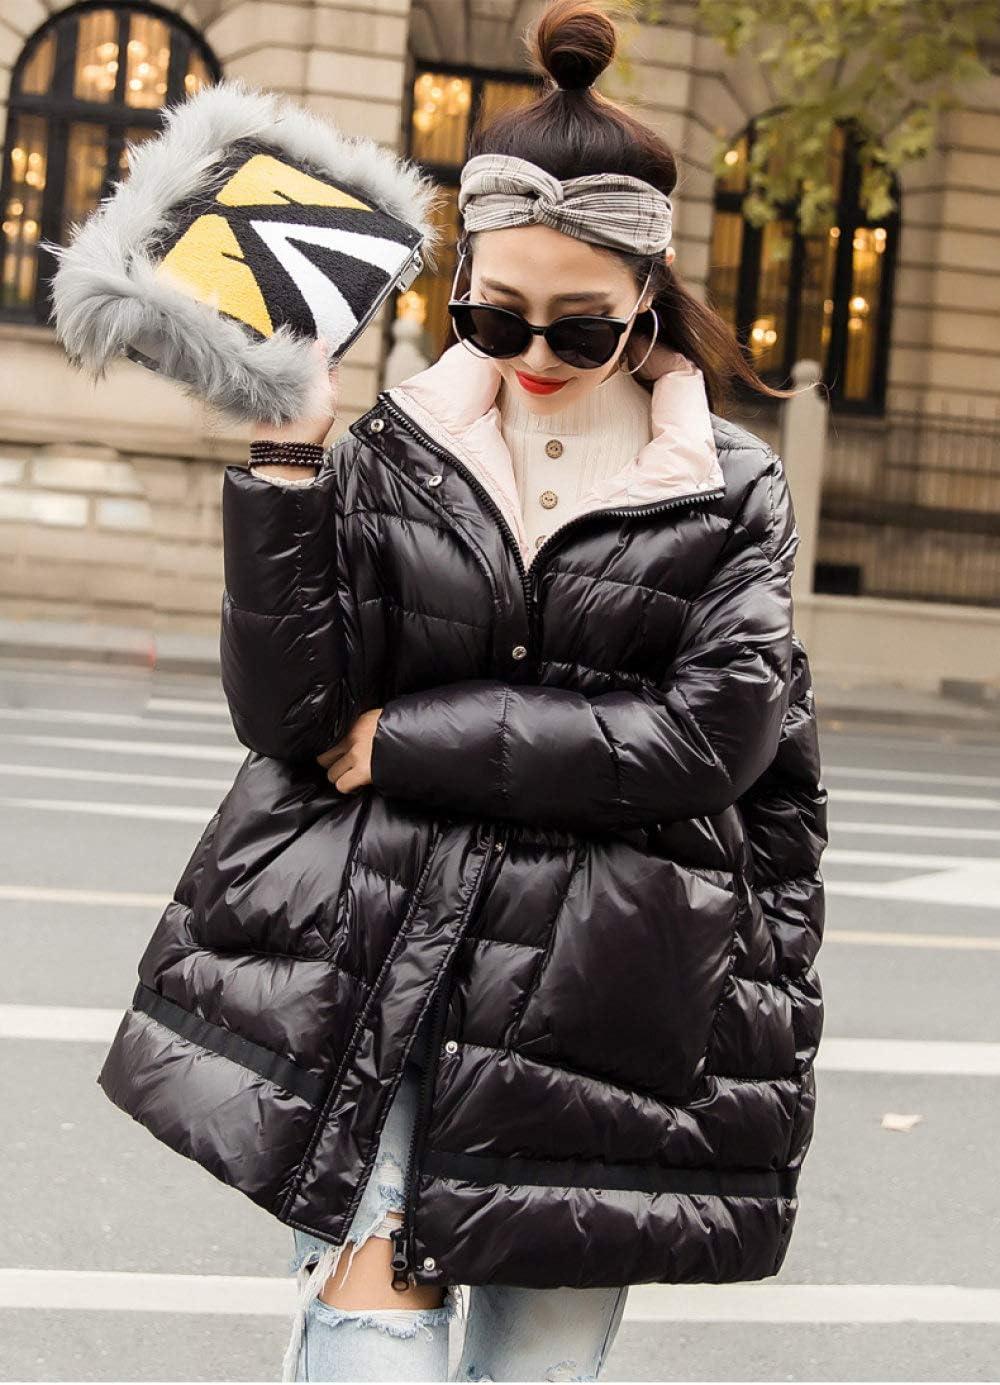 DPKDBN Doudoune, DoudouneFemmes Lâche Ultra Léger Blanc Canard Duvet Manteau Parkas Femme Col Roulé Poches Épaisse Manteau Chaud Noir